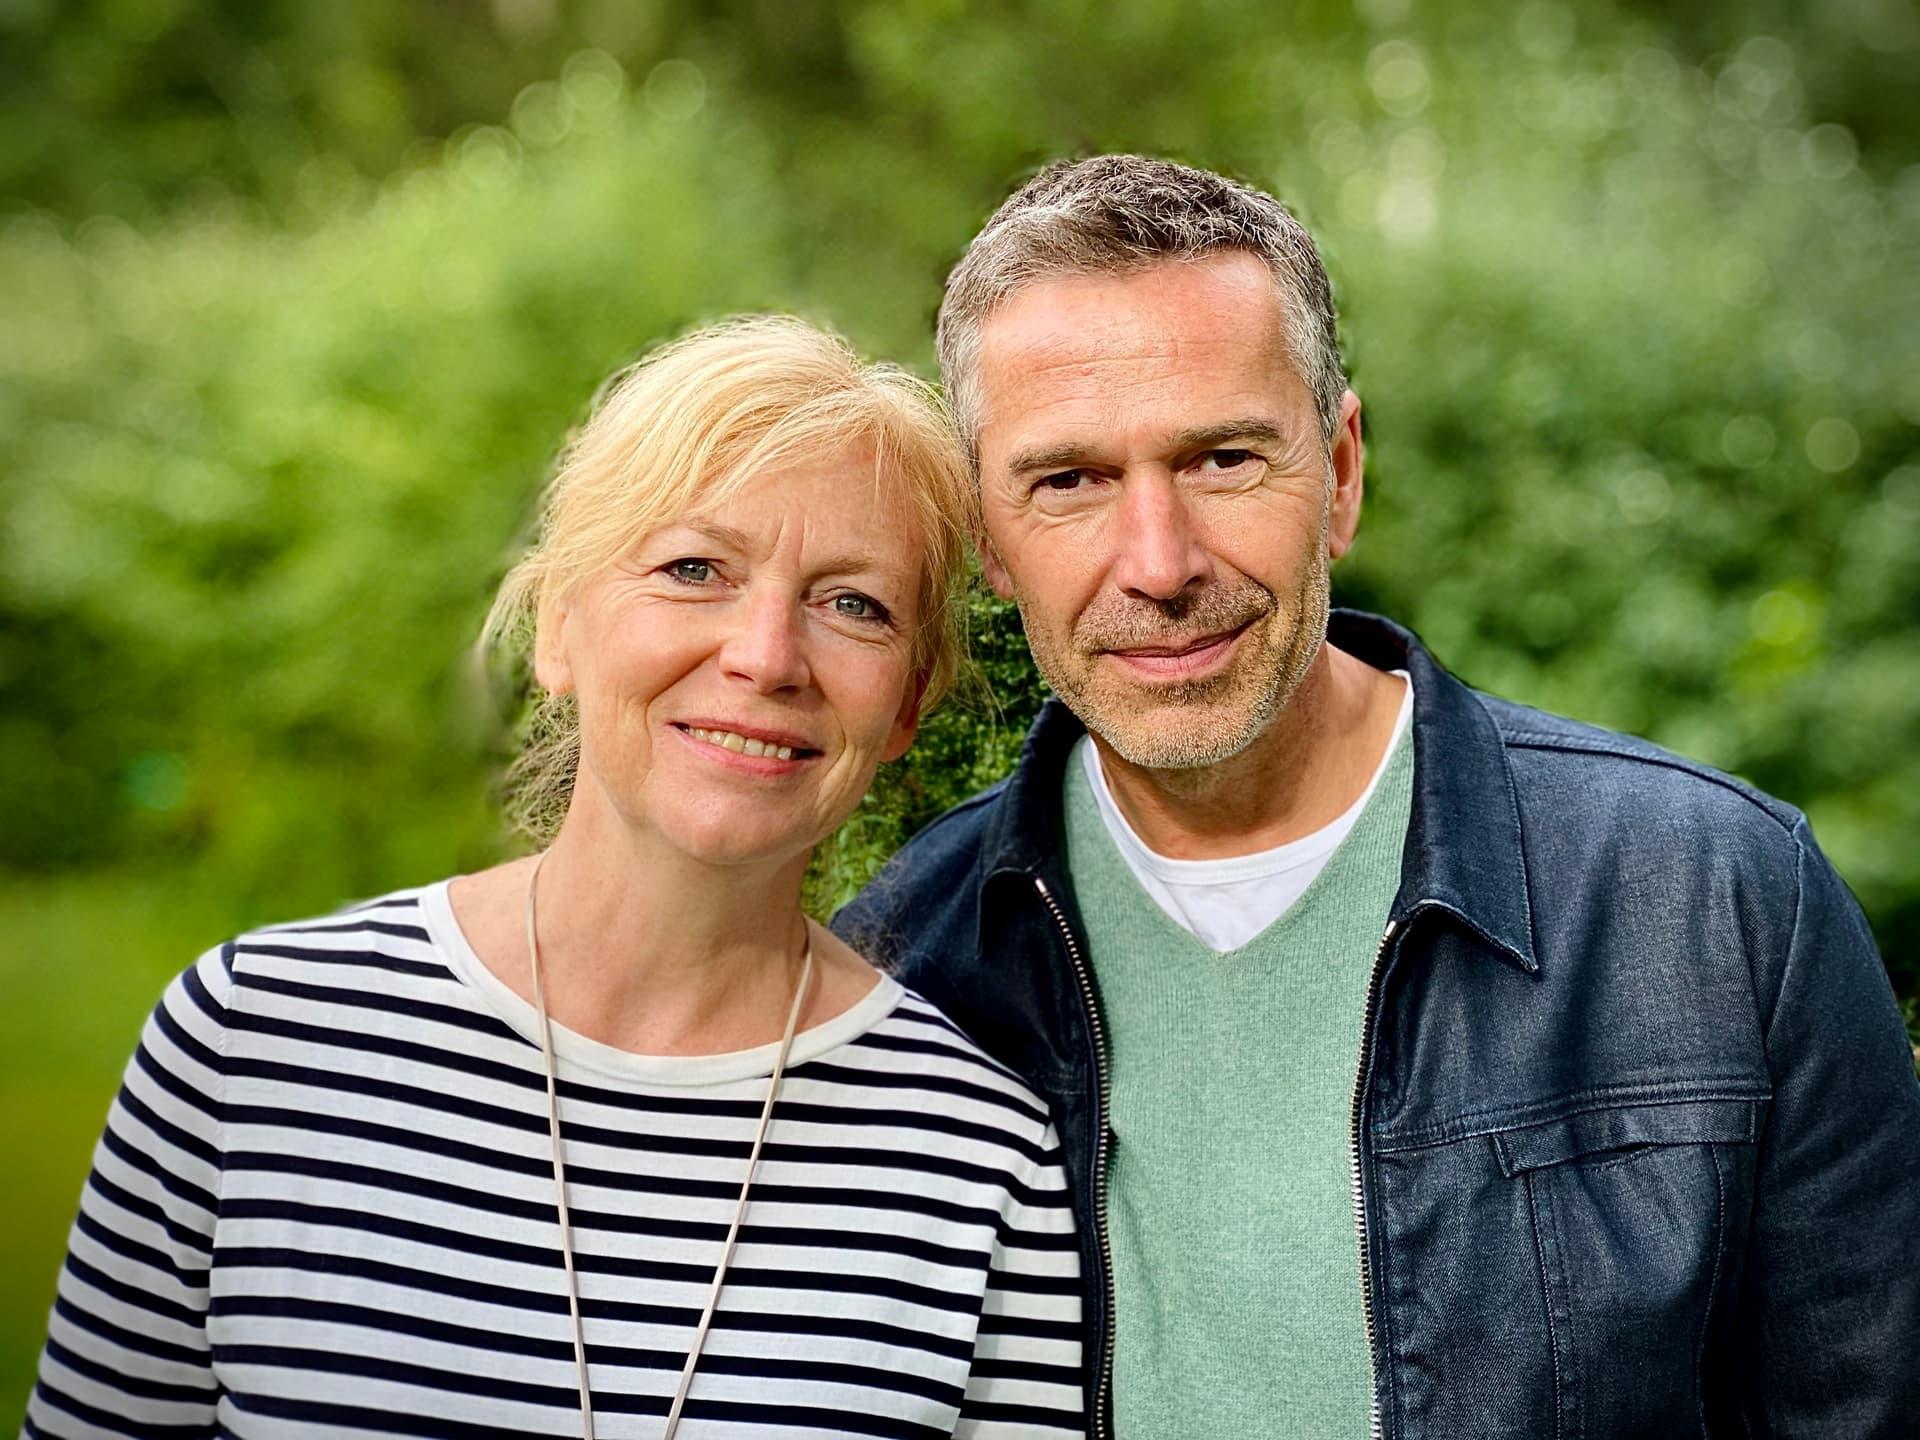 Ingrid und Dirk Steffens Biodiversity Foundation Initiative 2030